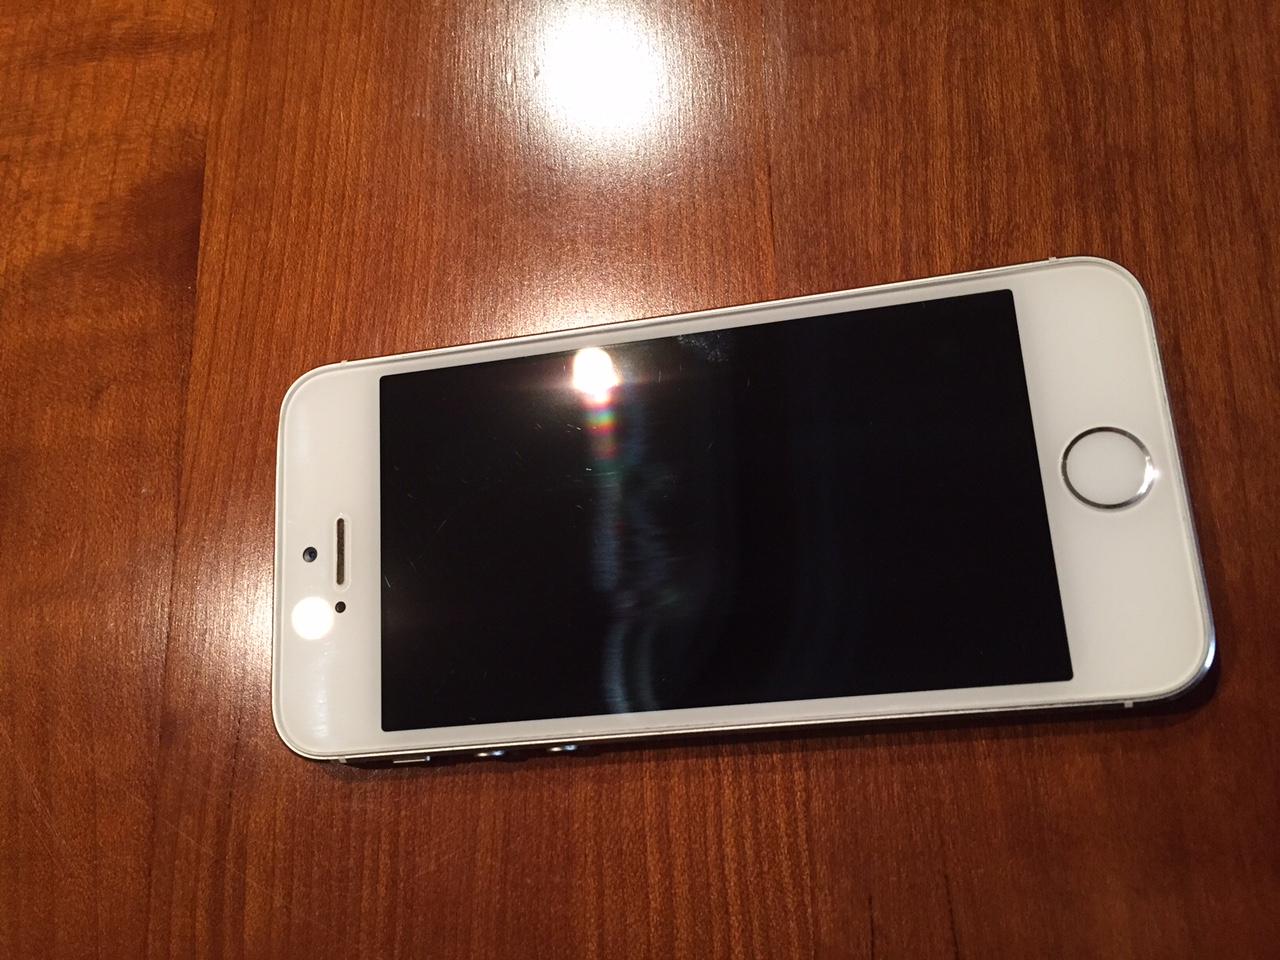 40ff69bbc8a venta iphone 5s 32gb blanco libre en perfecto estado lo vendo por ...